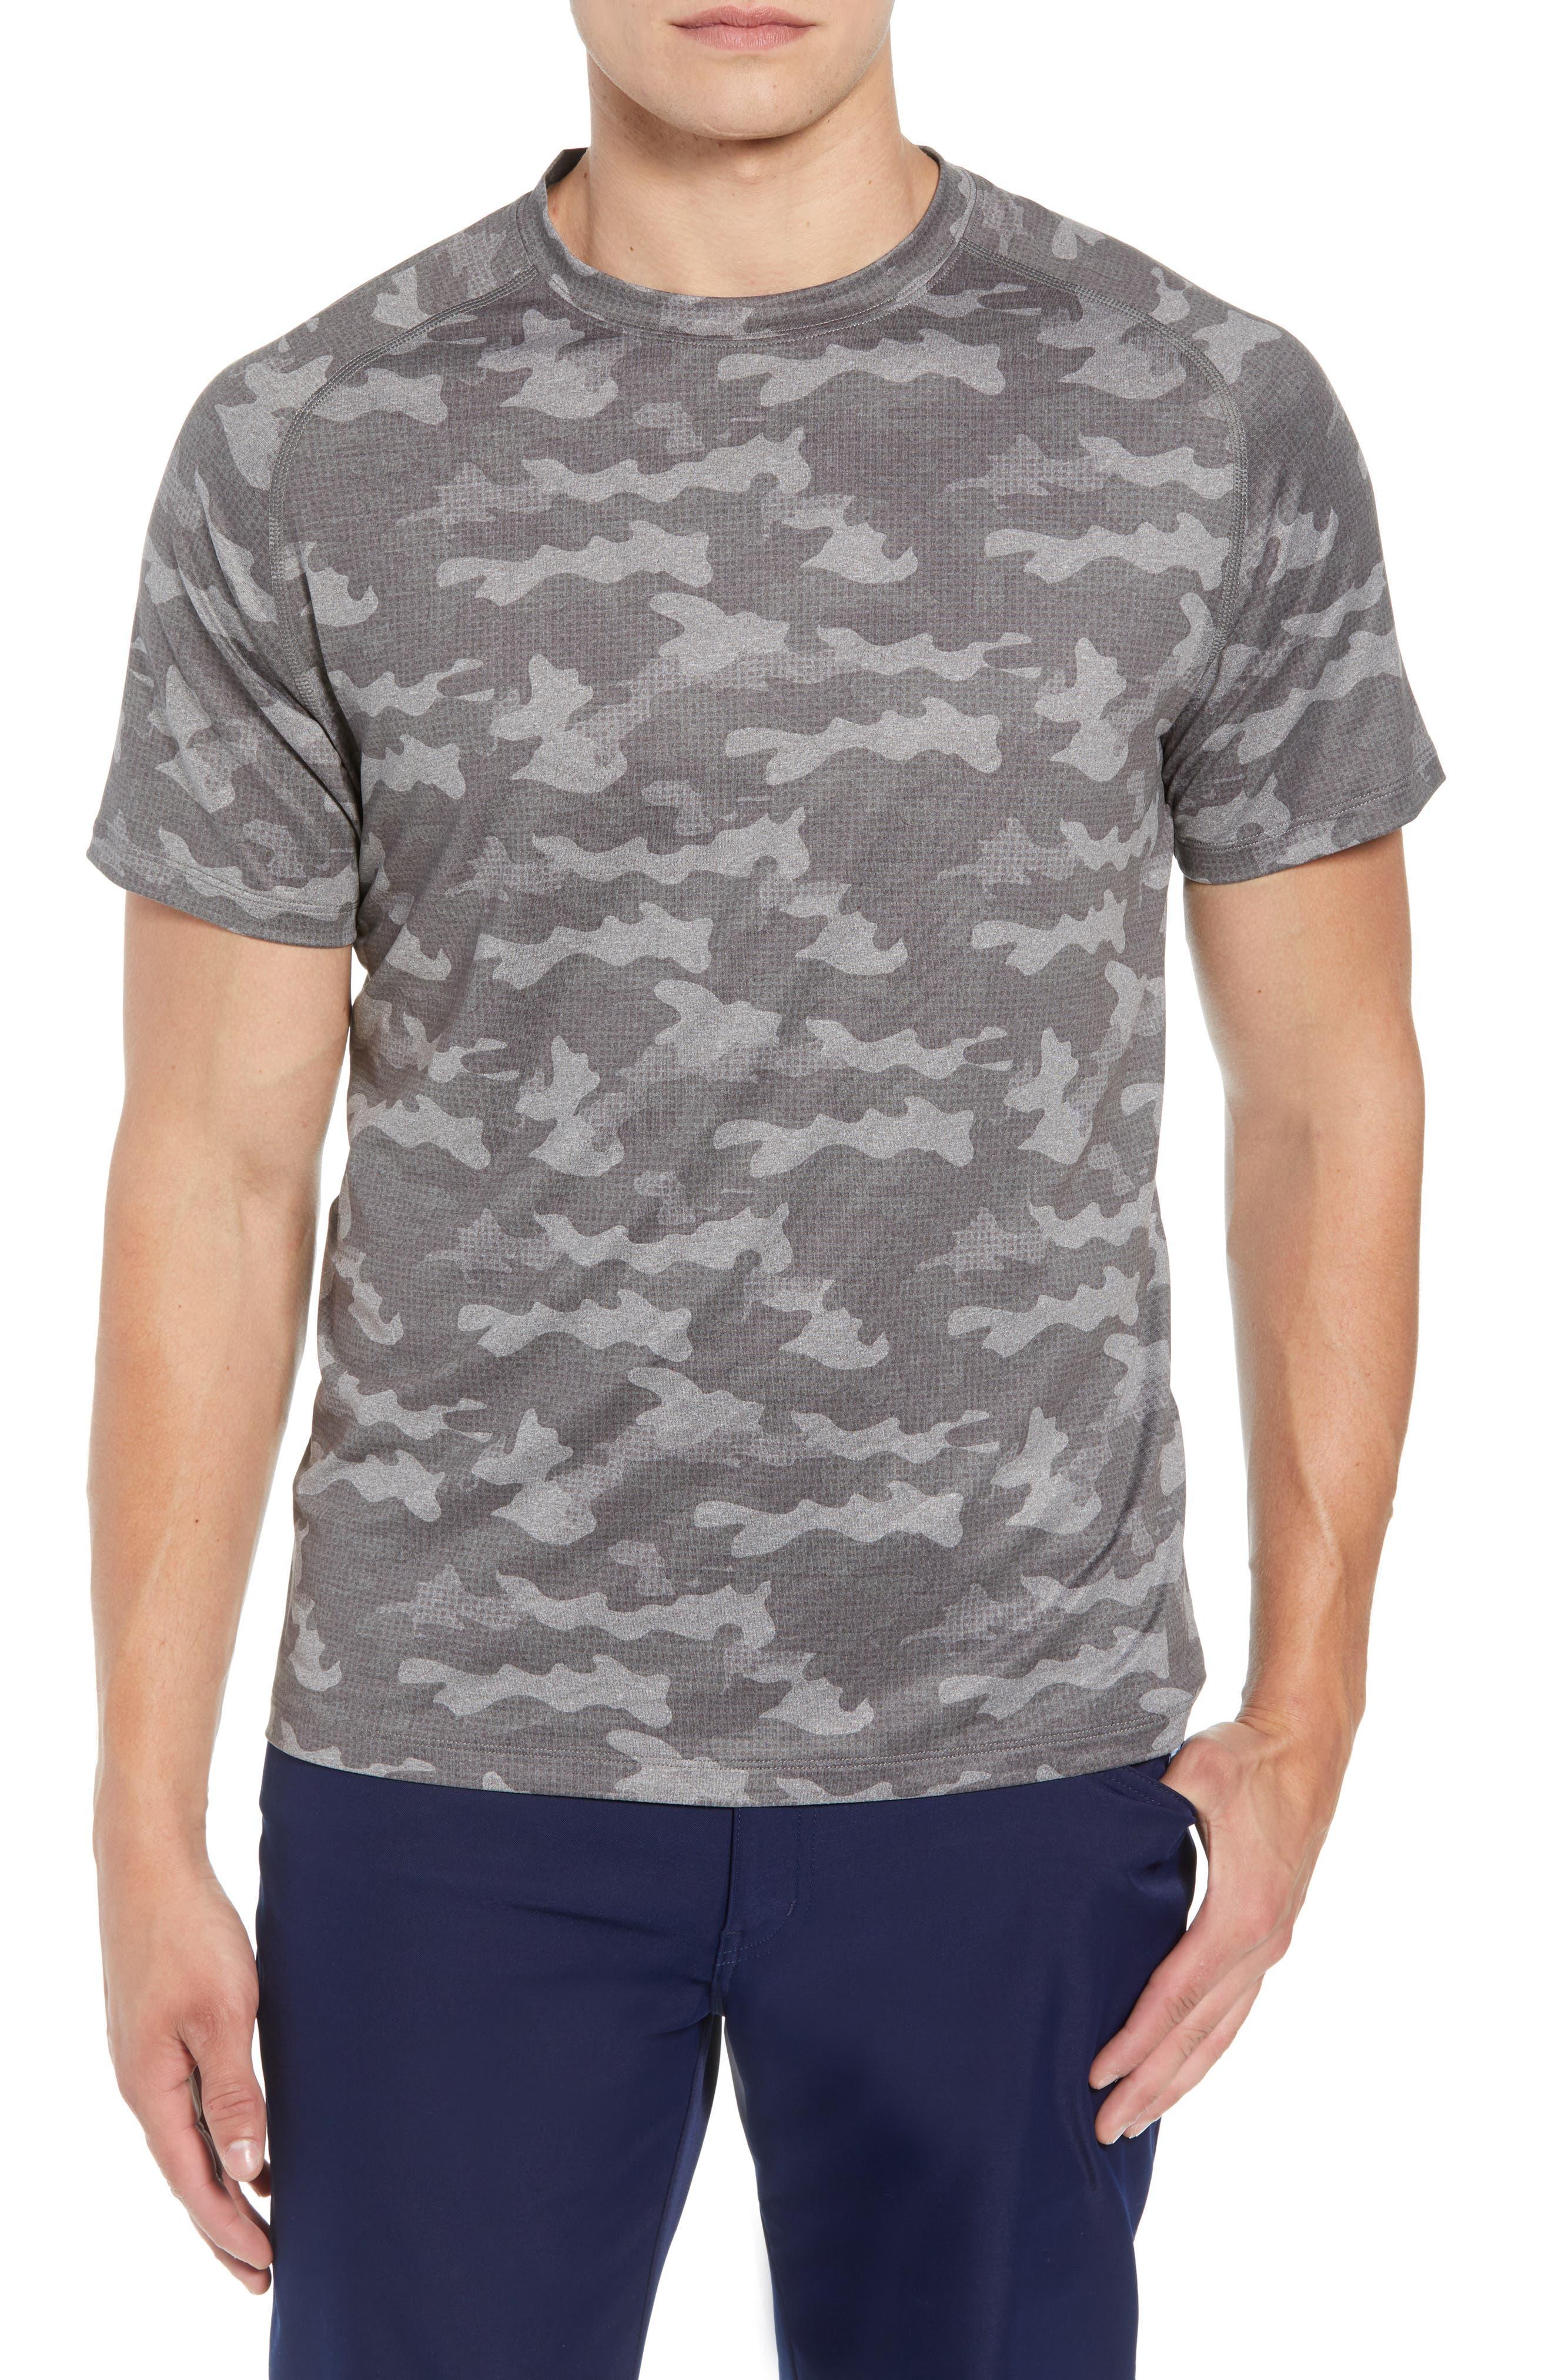 Rio Camo Tech T-Shirt,                         Main,                         color, GREY